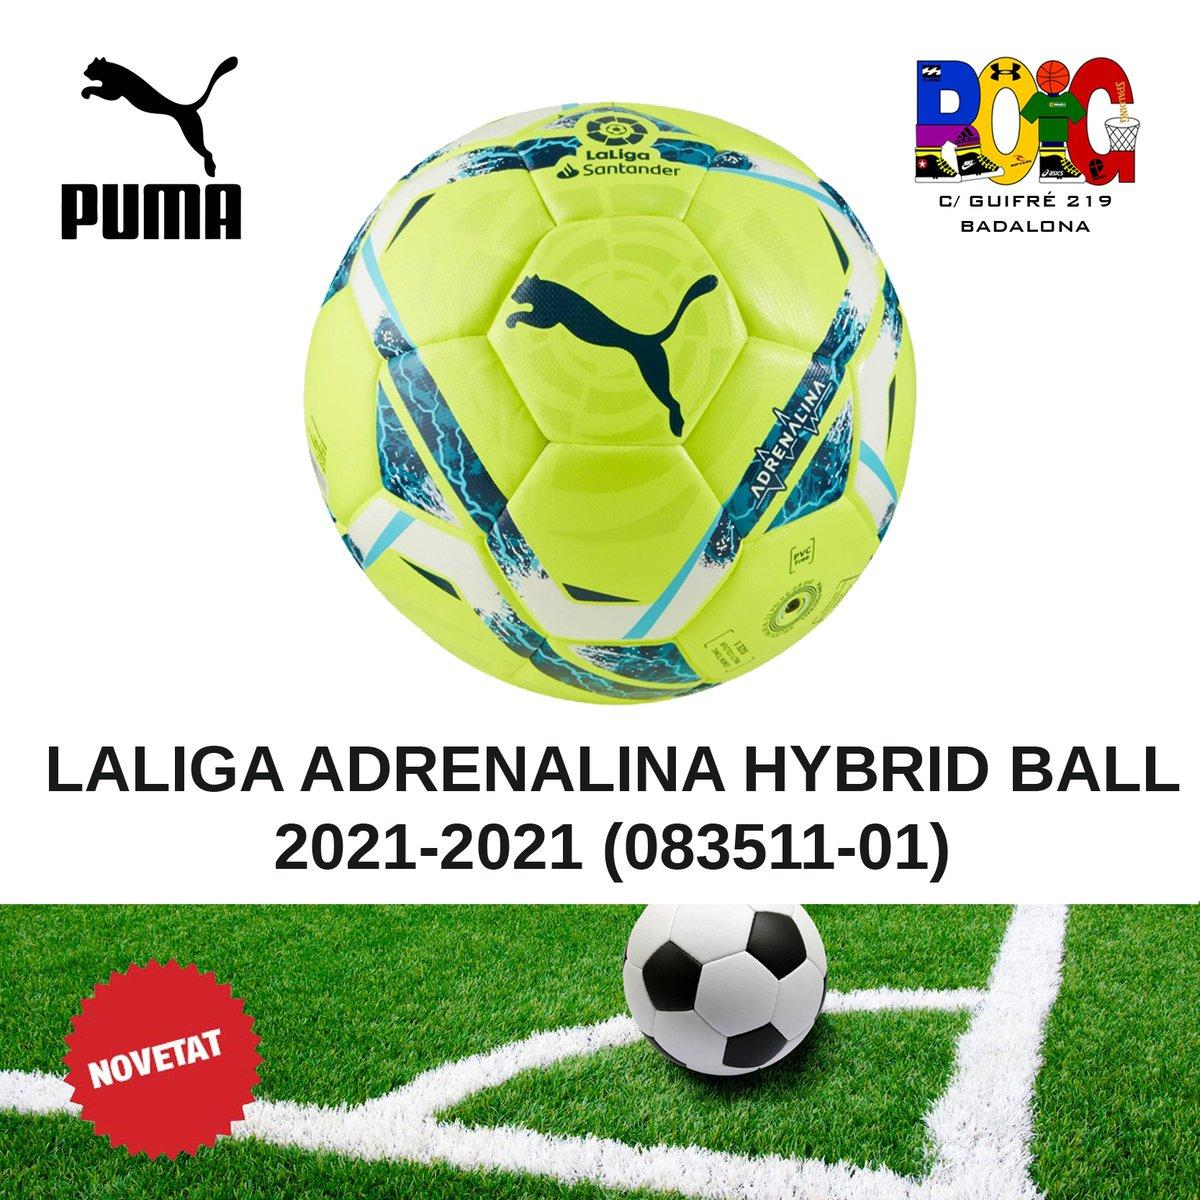 📢 NOVETATS pilotes de futbol ⚽: la Puma LALIGA ADRENALINA HYBRID BALL 2021-2021 (083511-01) Disponibles a la botiga o a la web 💻 en https://t.co/2bEWZ1WxOg #puma #jordiroig #badalona #futbol #soccer https://t.co/WNbMv35Zsx